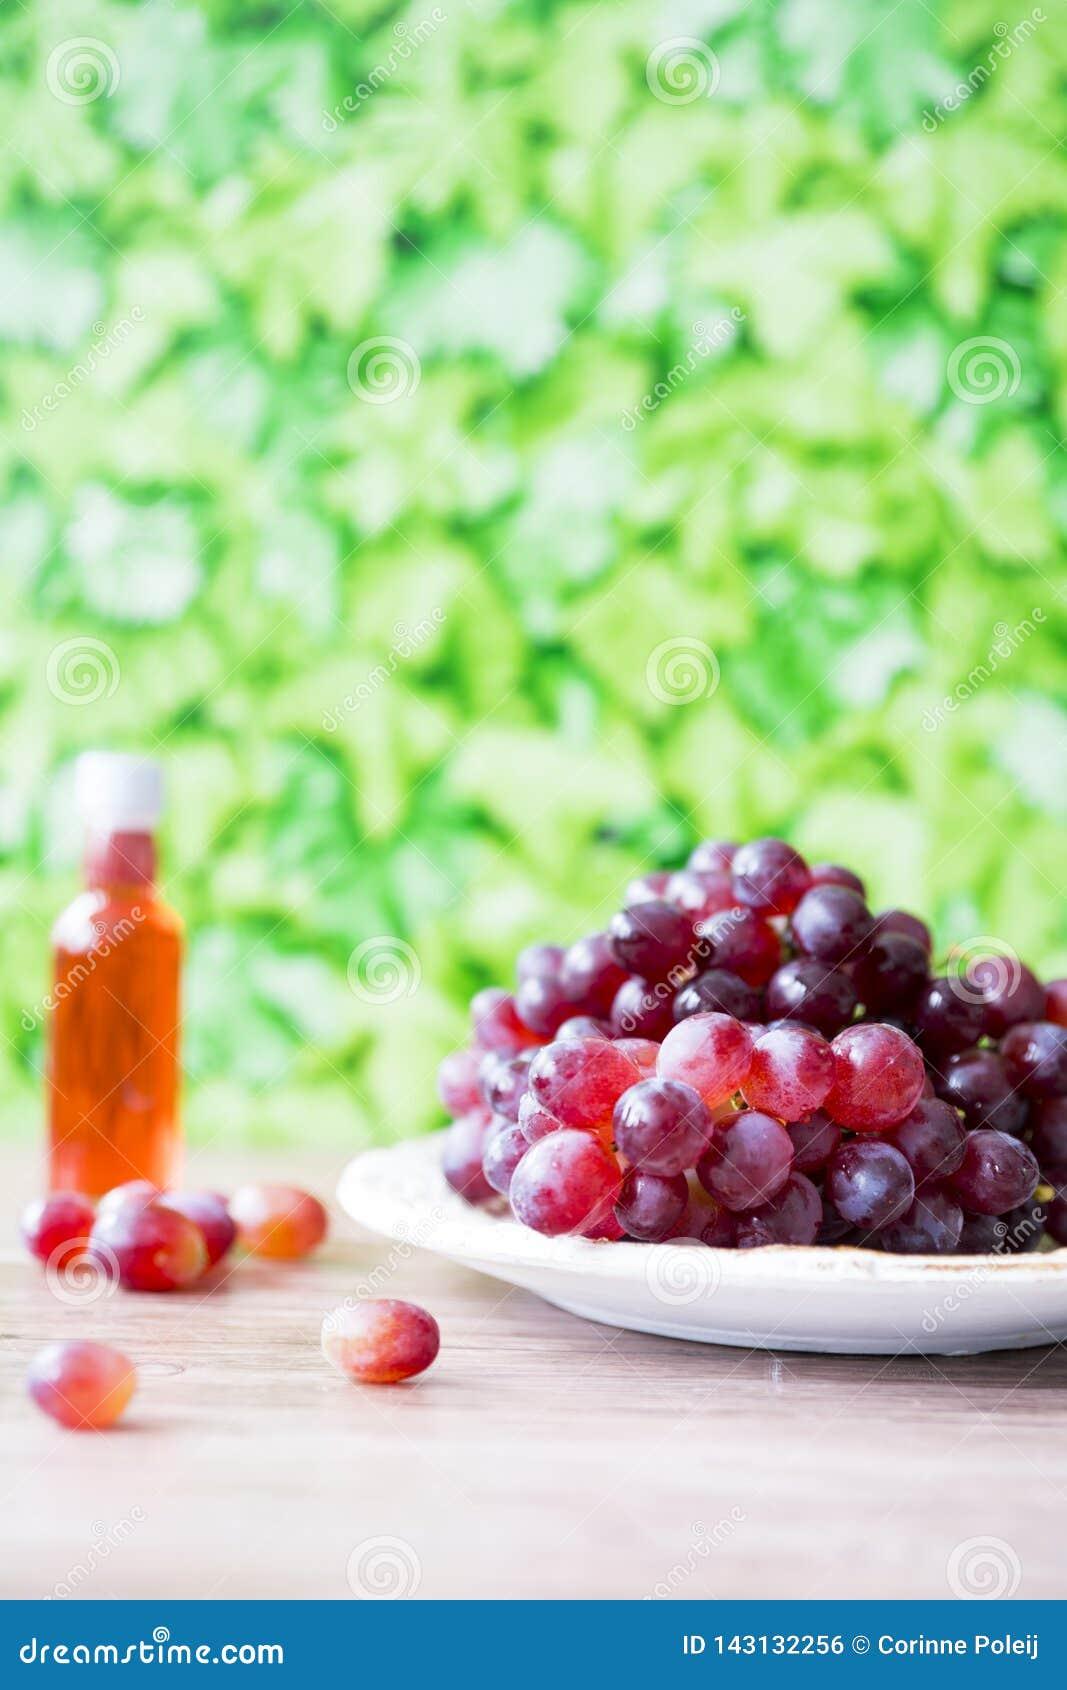 Bos van rode druiven en wijn tegen groene onduidelijk beeldachtergrond